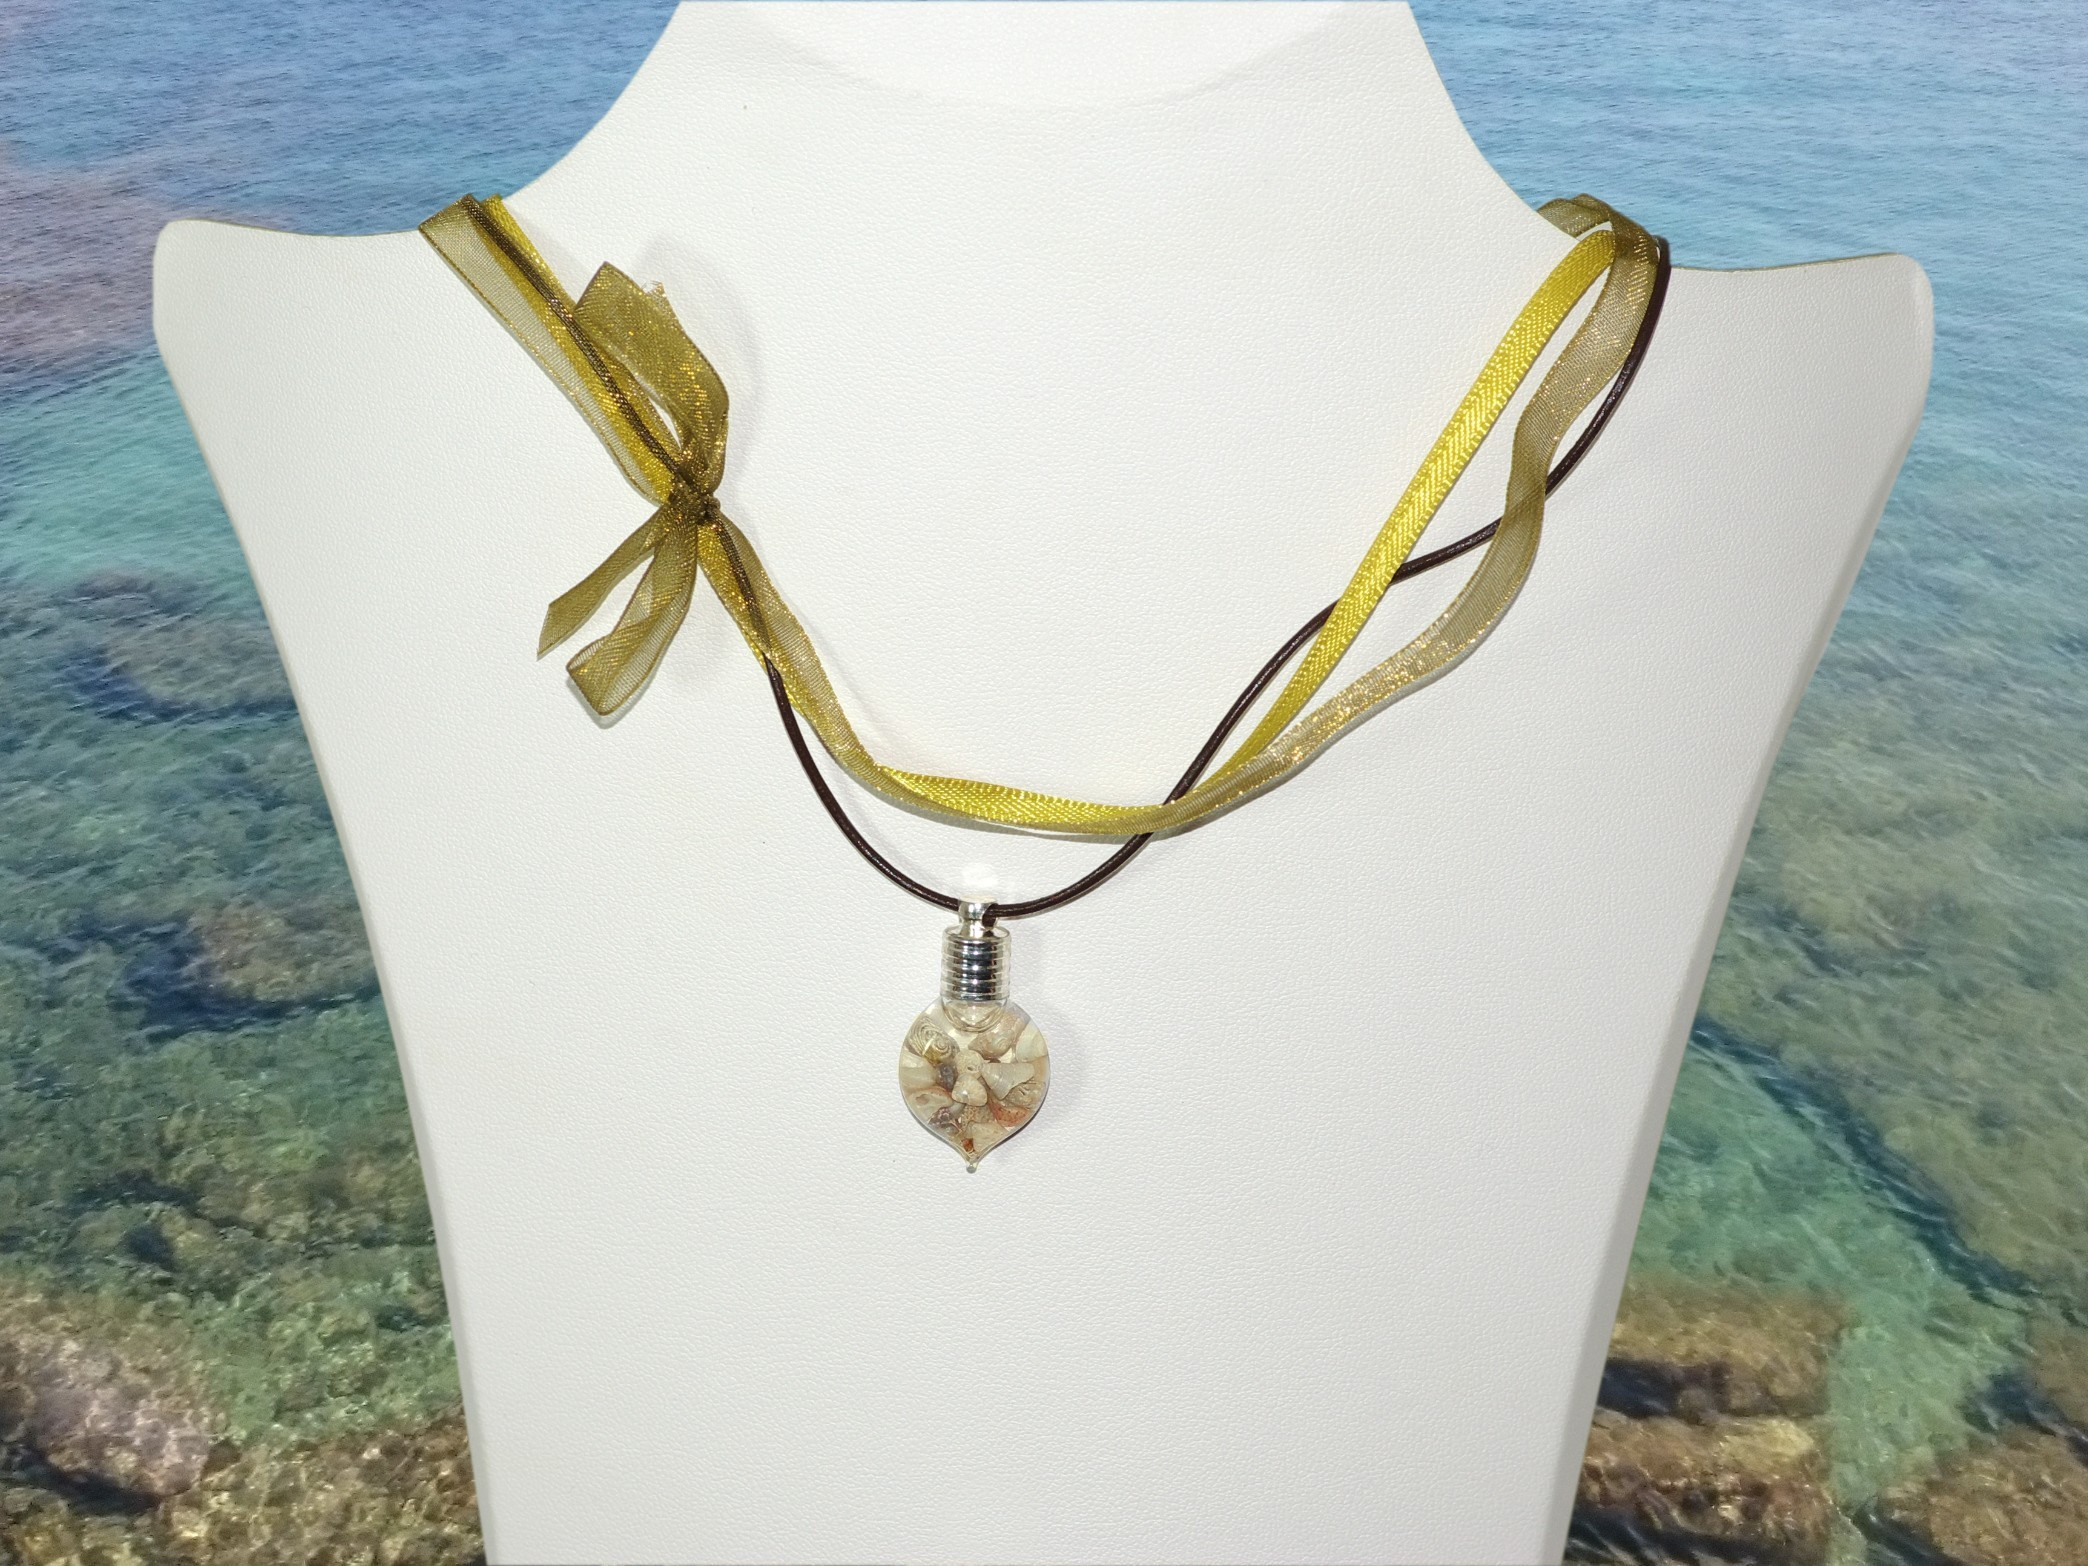 collier asymétrique vert, noué sur le côté en organza, satin et cuir, avec comme pendentif une fiole de verre remplie de coquillages.